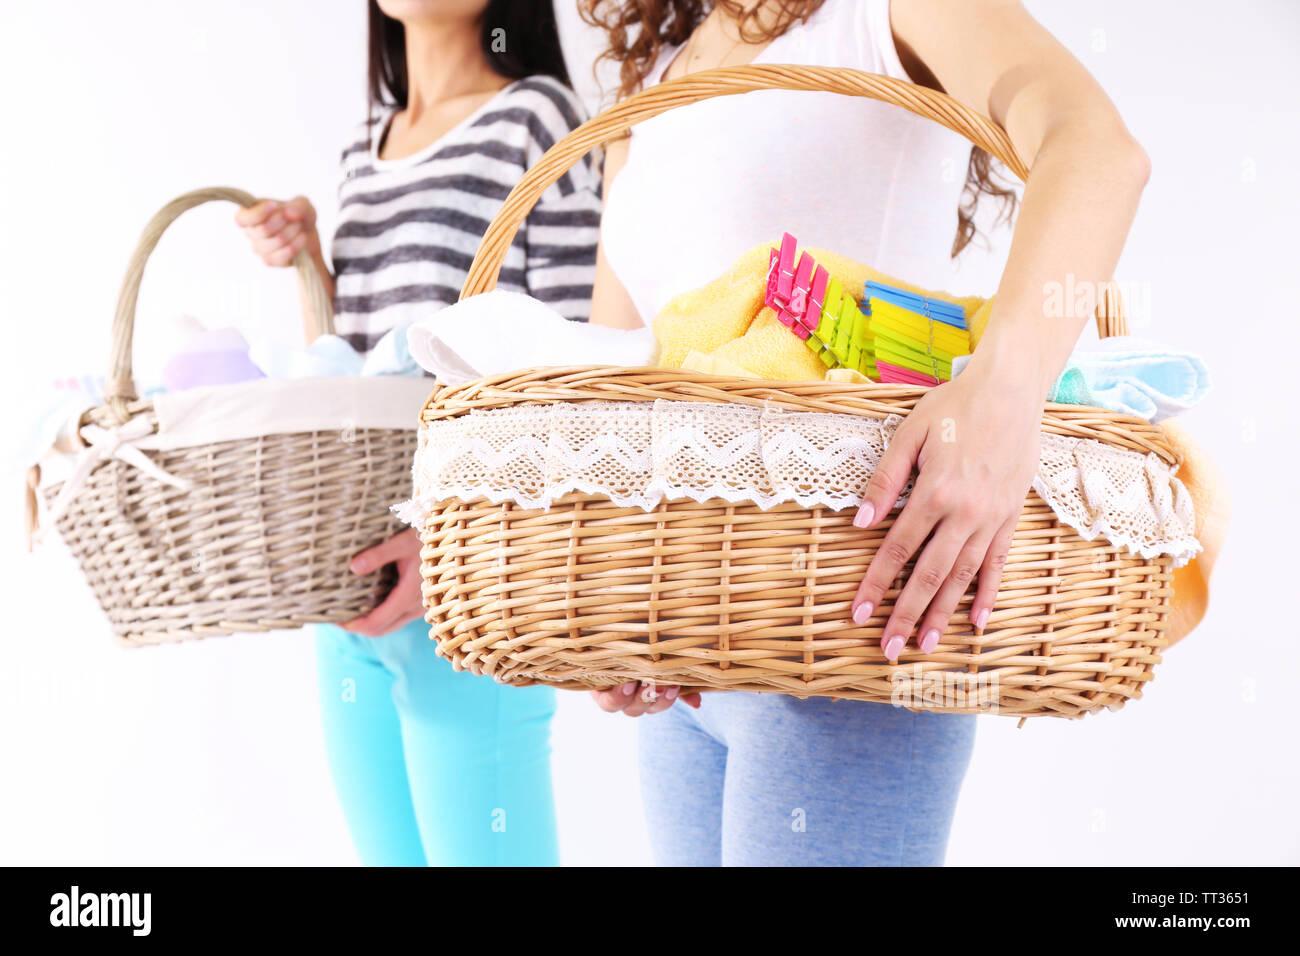 cc75162a57 Donne azienda cesti per la biancheria con vestiti puliti, gli asciugamani e  le spine,